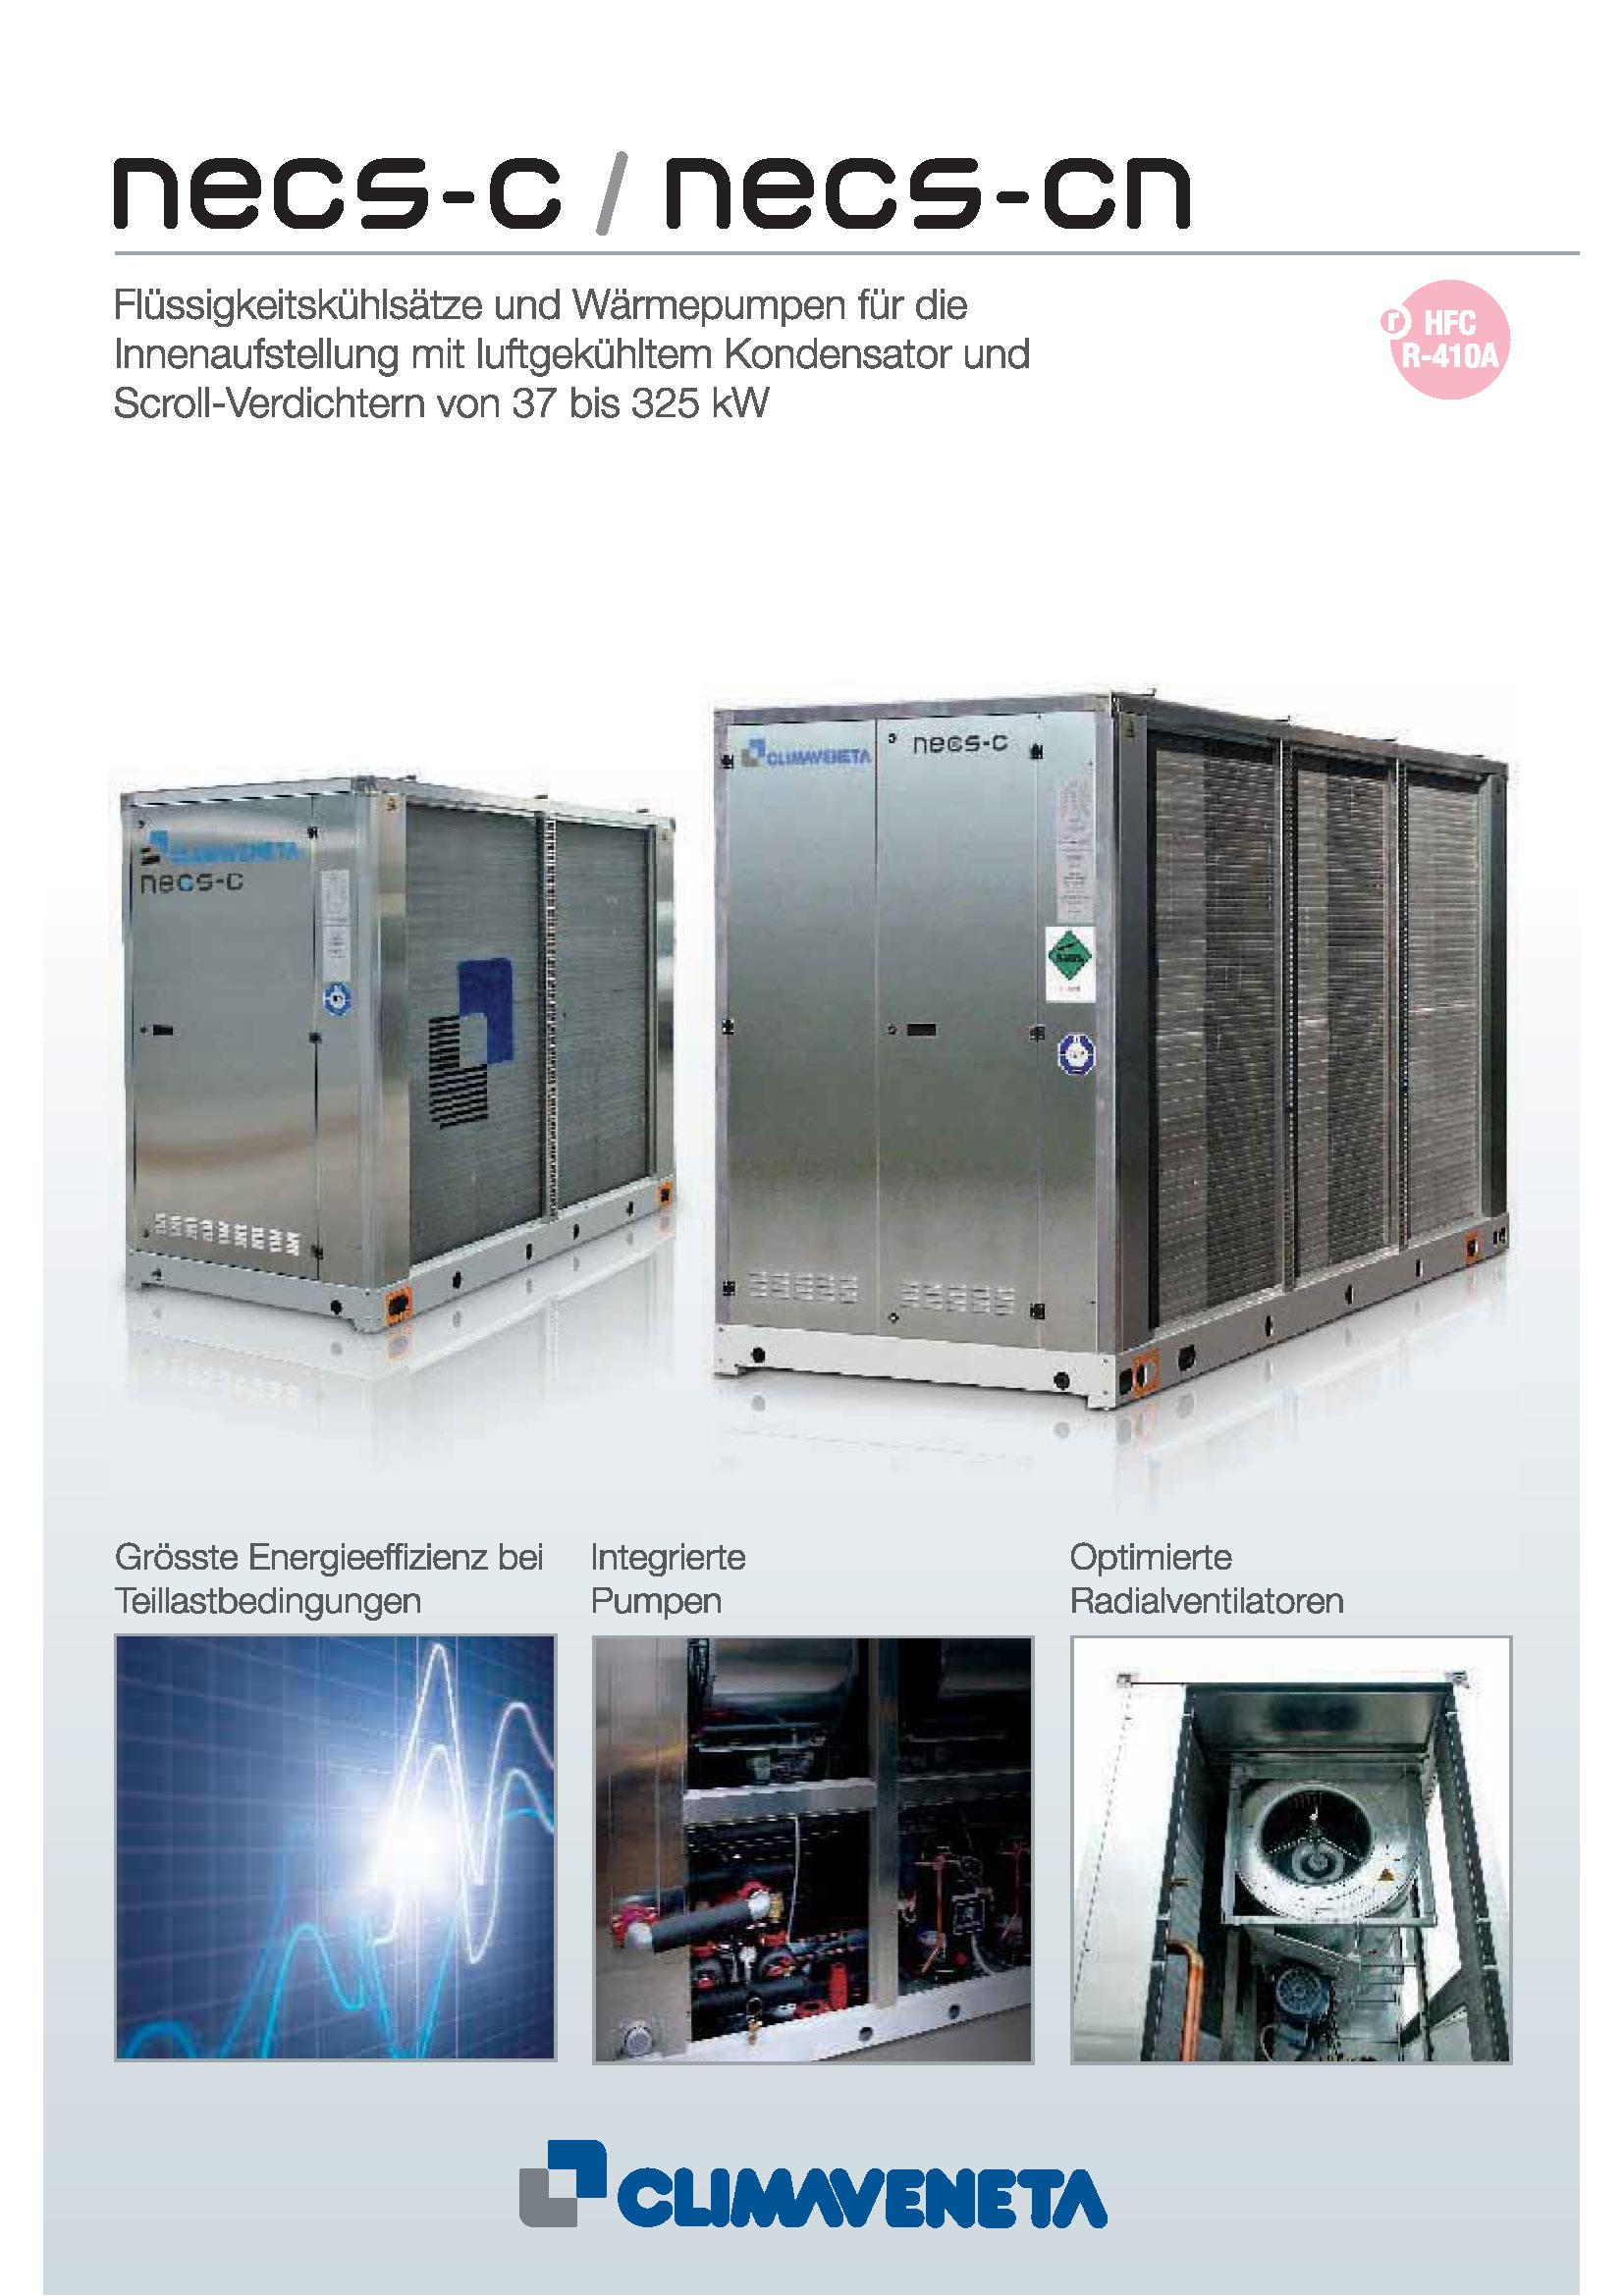 Flüssigkeitskühlsätze und Wärmepumpen für die Innenaufstellung mit luftgekühltem Kondensator und Scroll-Verdichtern